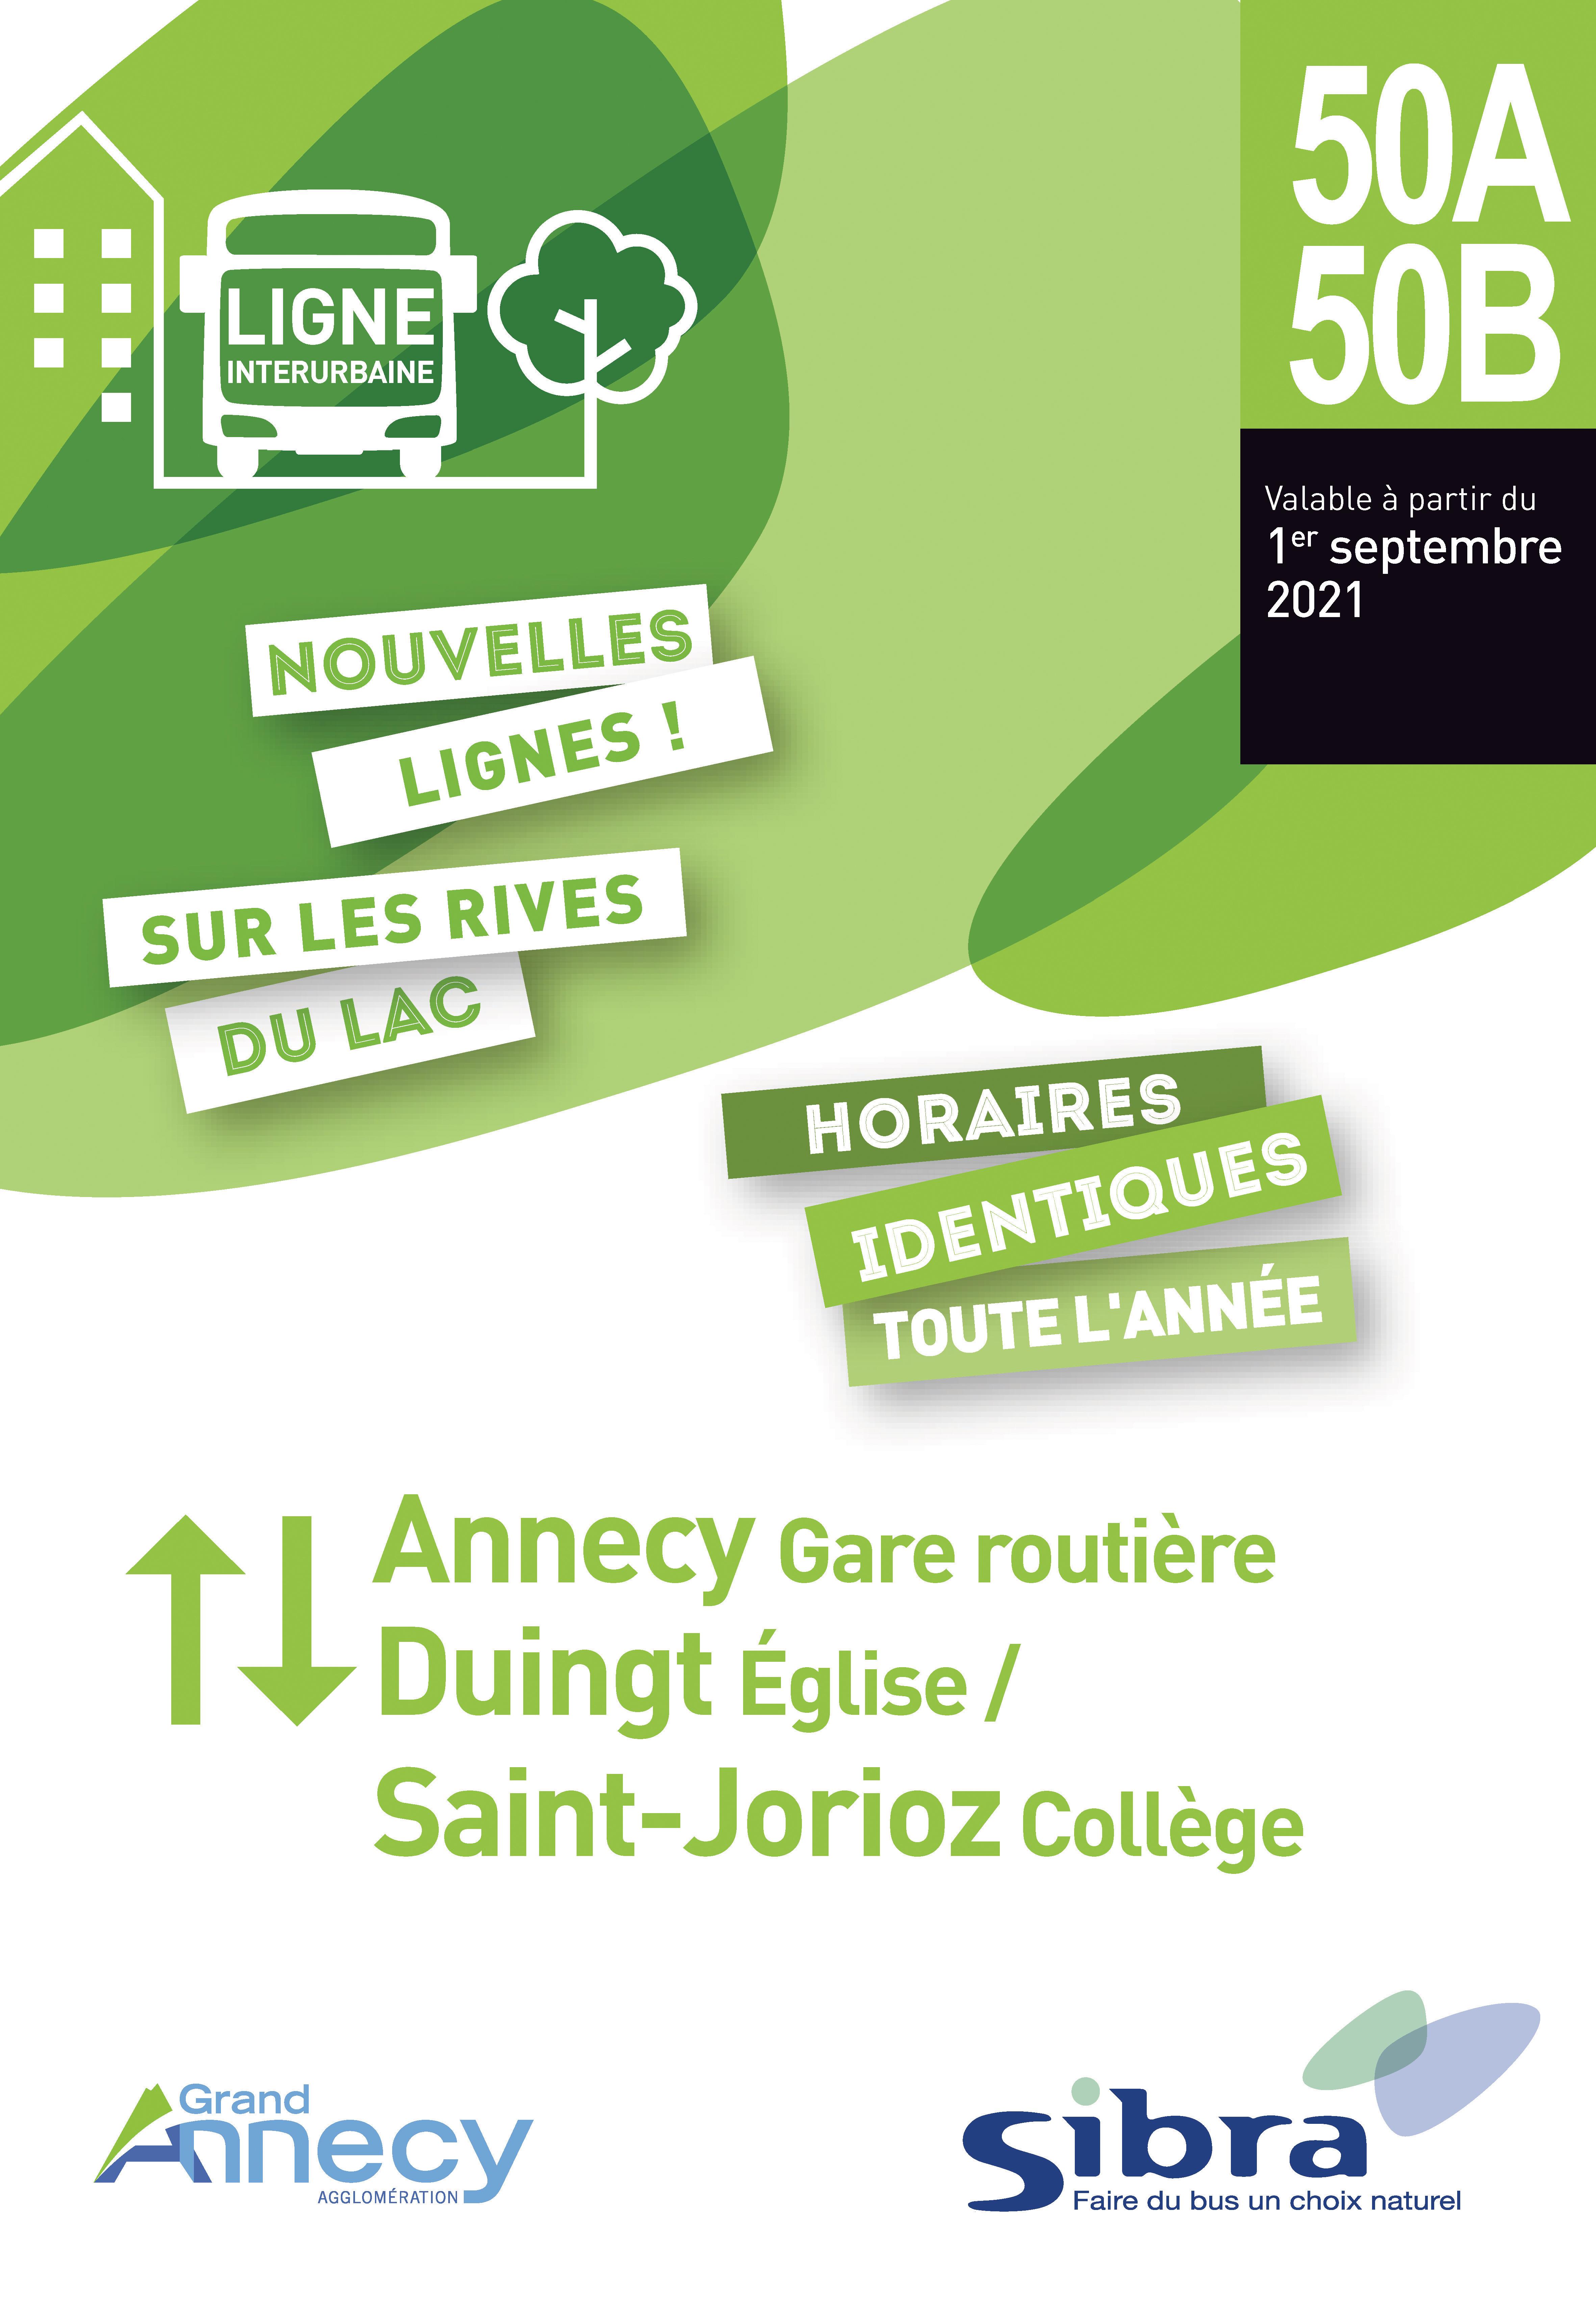 Couverture Fiche Horaire Lignes 50A/50B - Août 2021